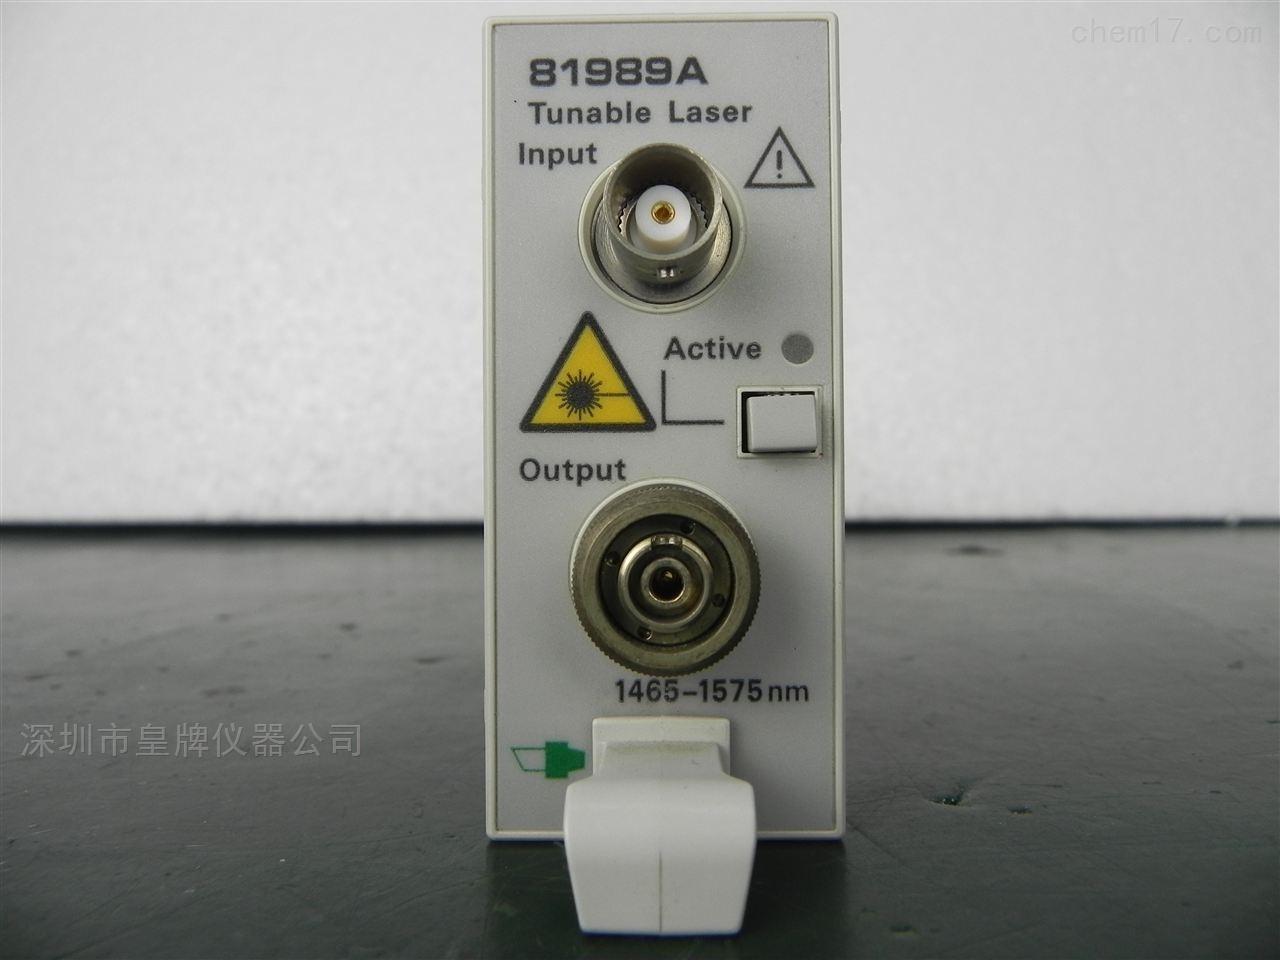 Agilent 81989A 光源 可调激光器 紧凑型